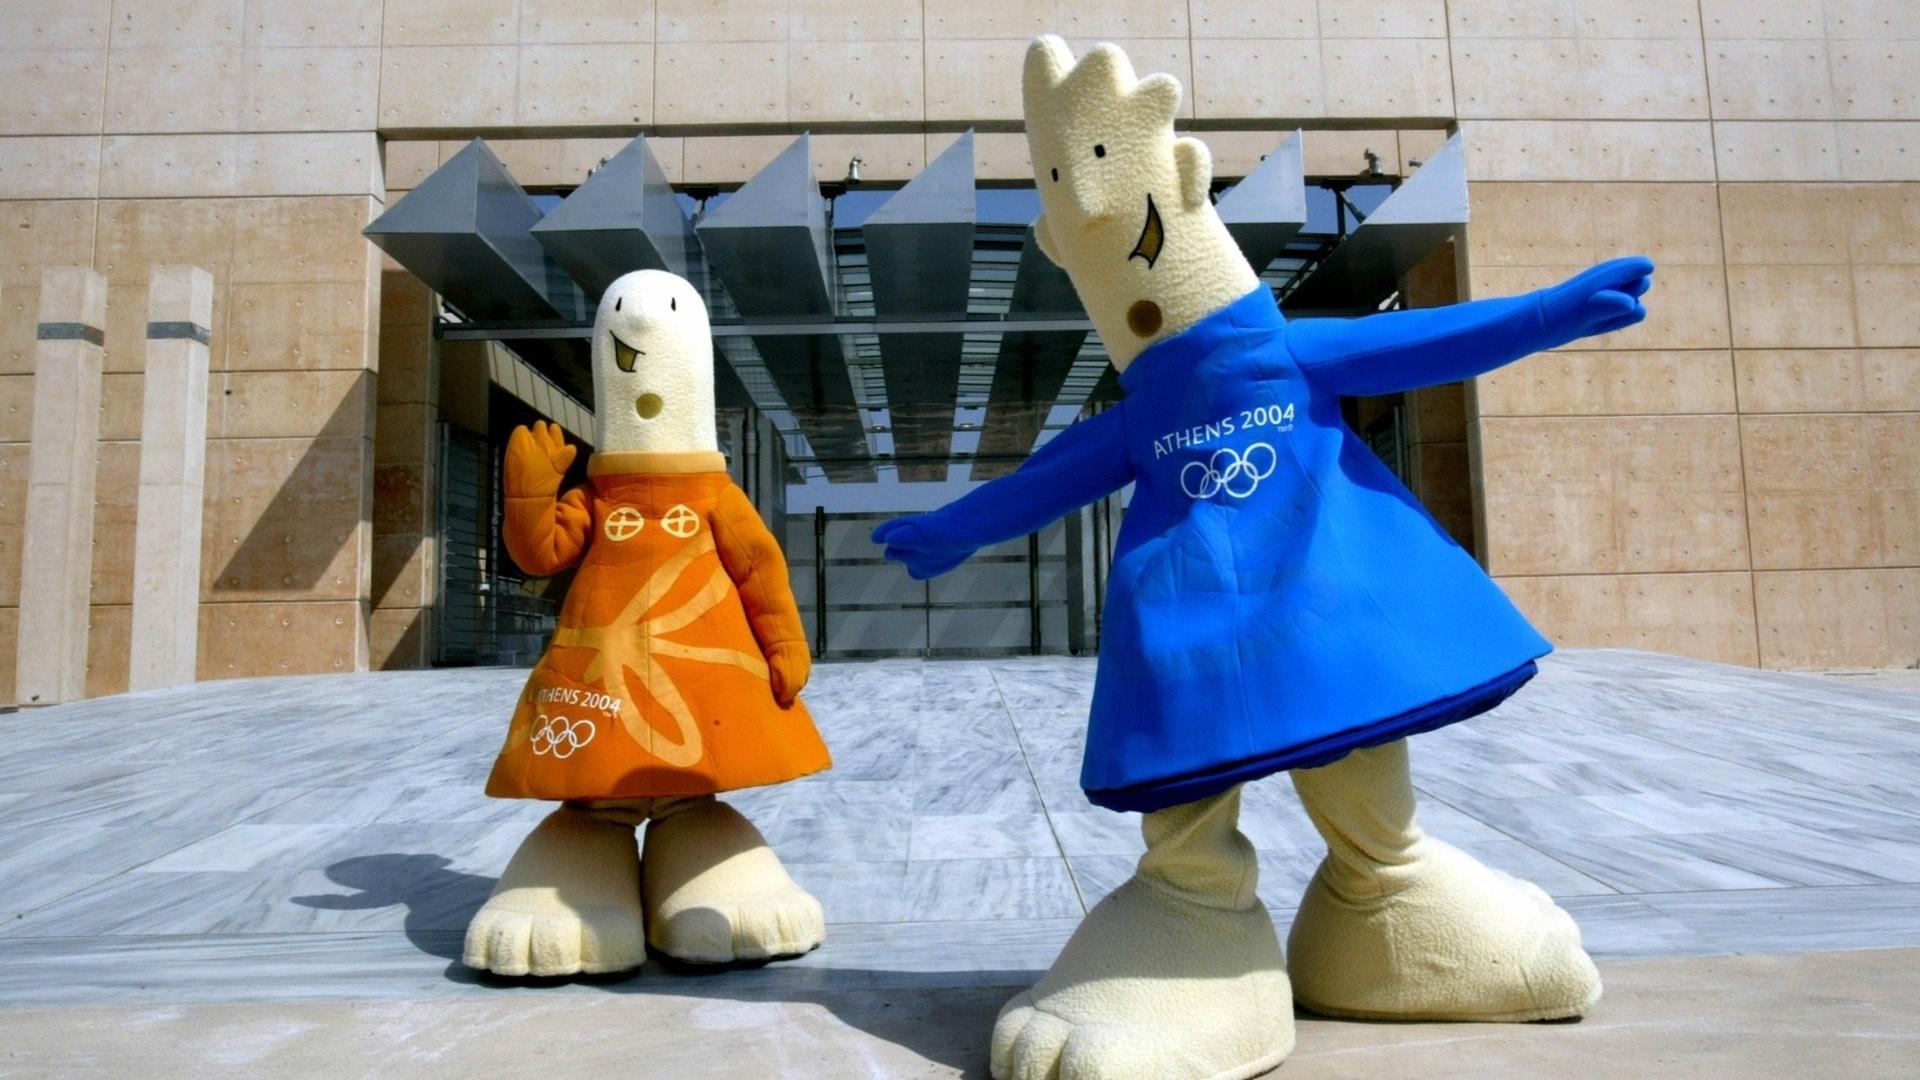 26.jul.2004 - Athena (e) e Phevos, mascotes da Olimpíada de Atenas-2004, posam em frente ao local de início da maratona